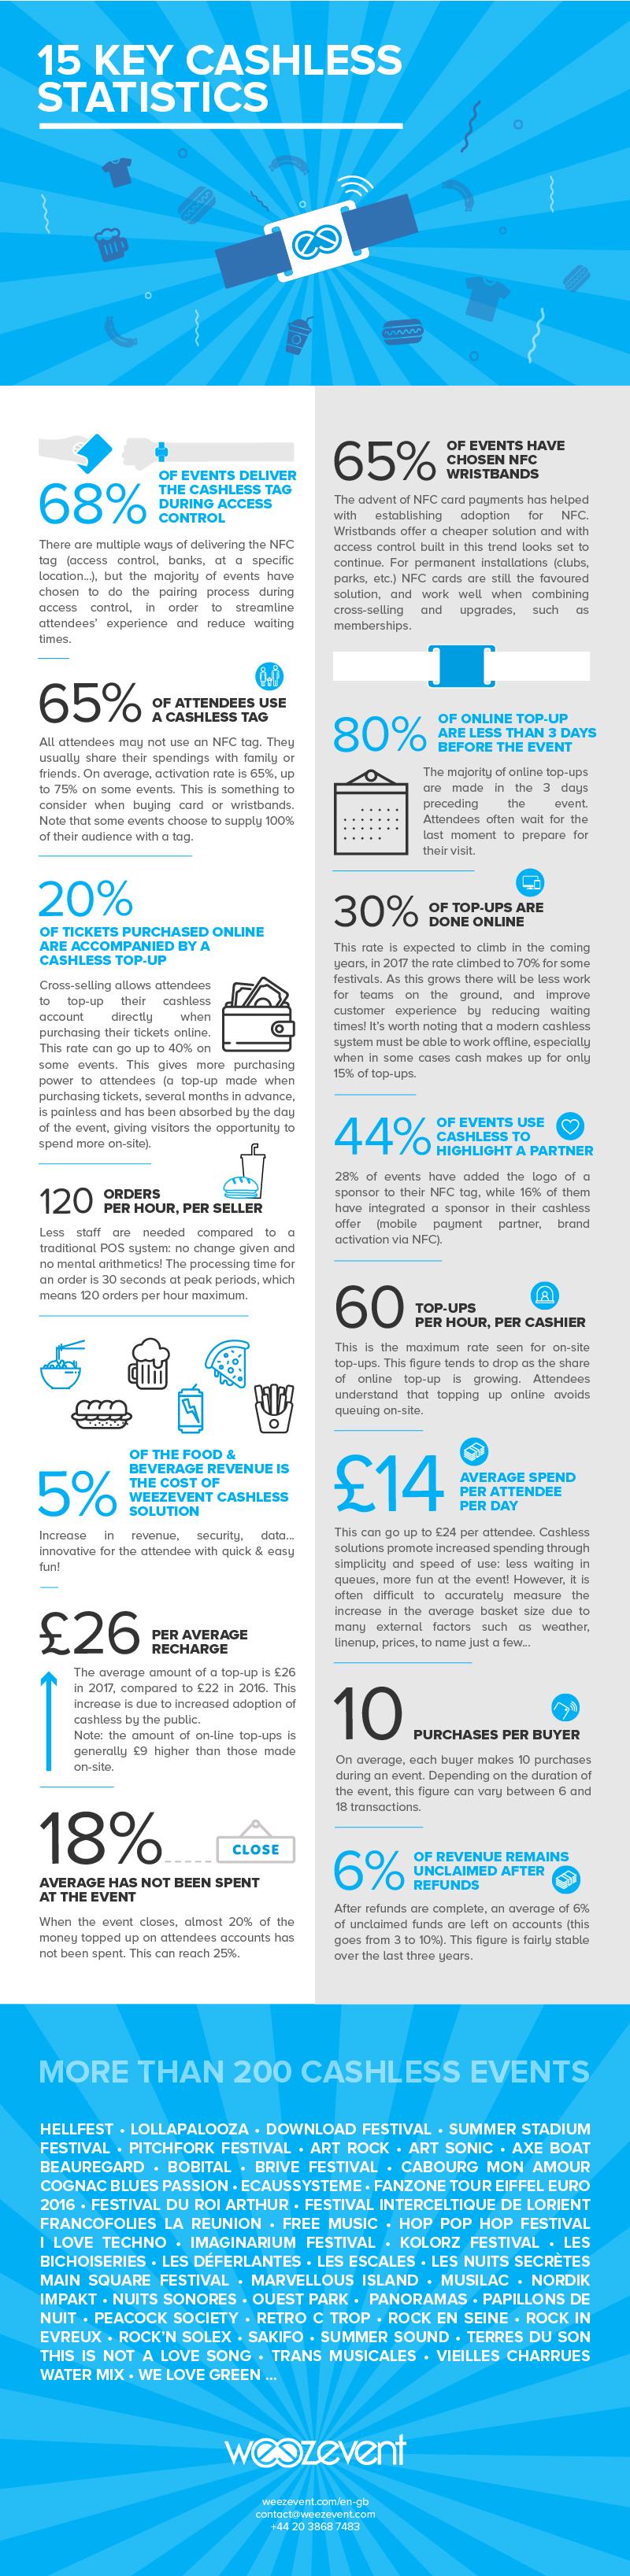 15 Cashless Key Statistics